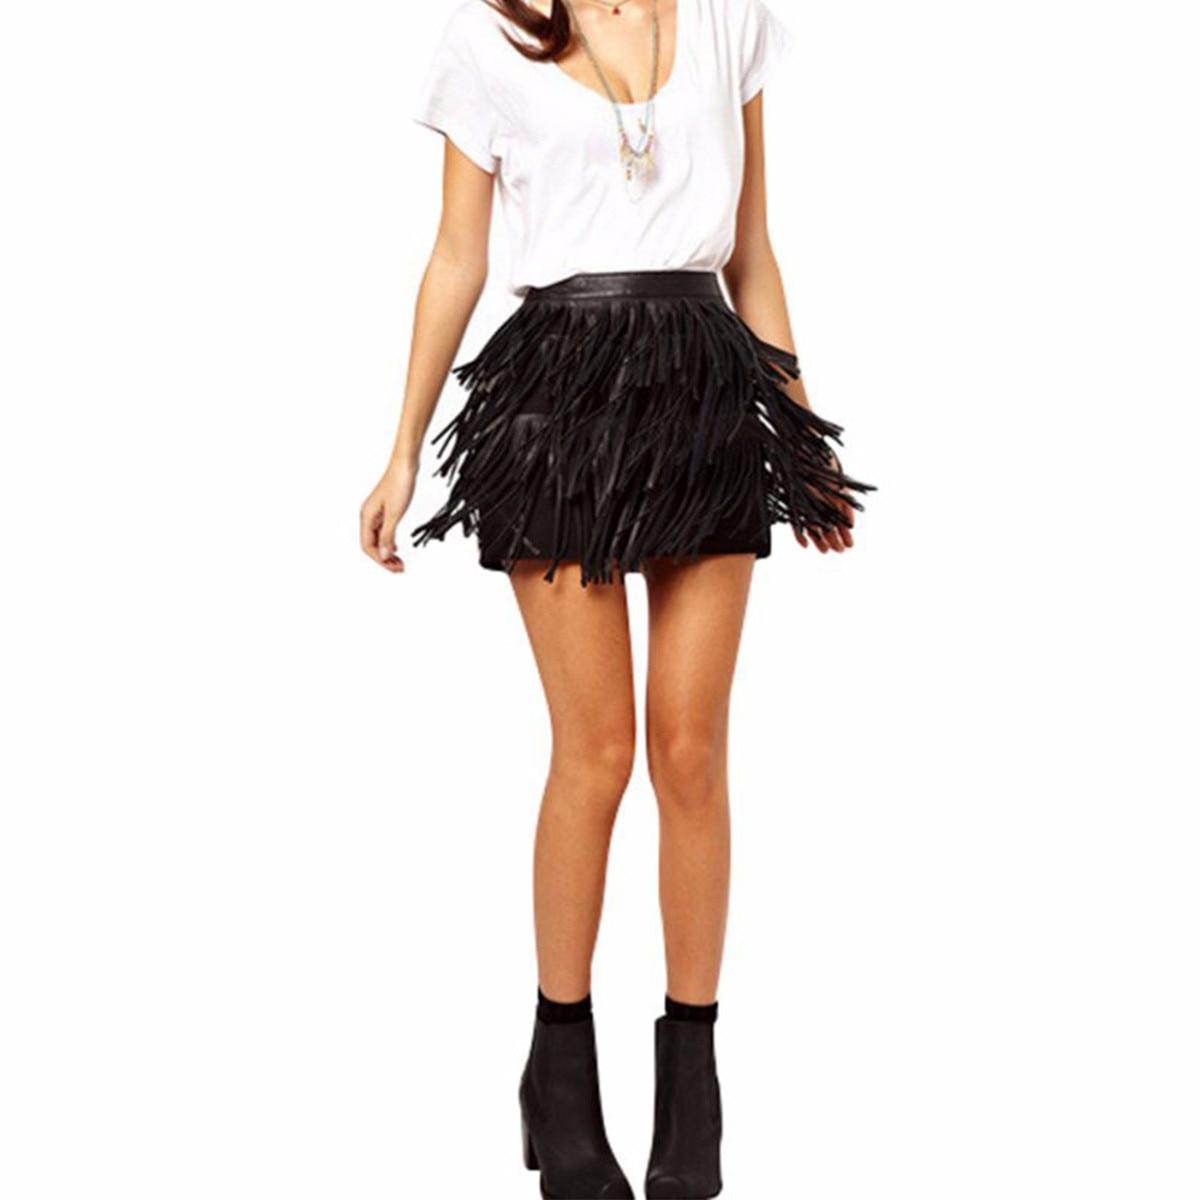 Горячая распродажа 2016 лето мода Zanzea женщины искусственная кожа лоскутная юбки-line свободного покроя кисточкой молния украшение высокая талия юбка